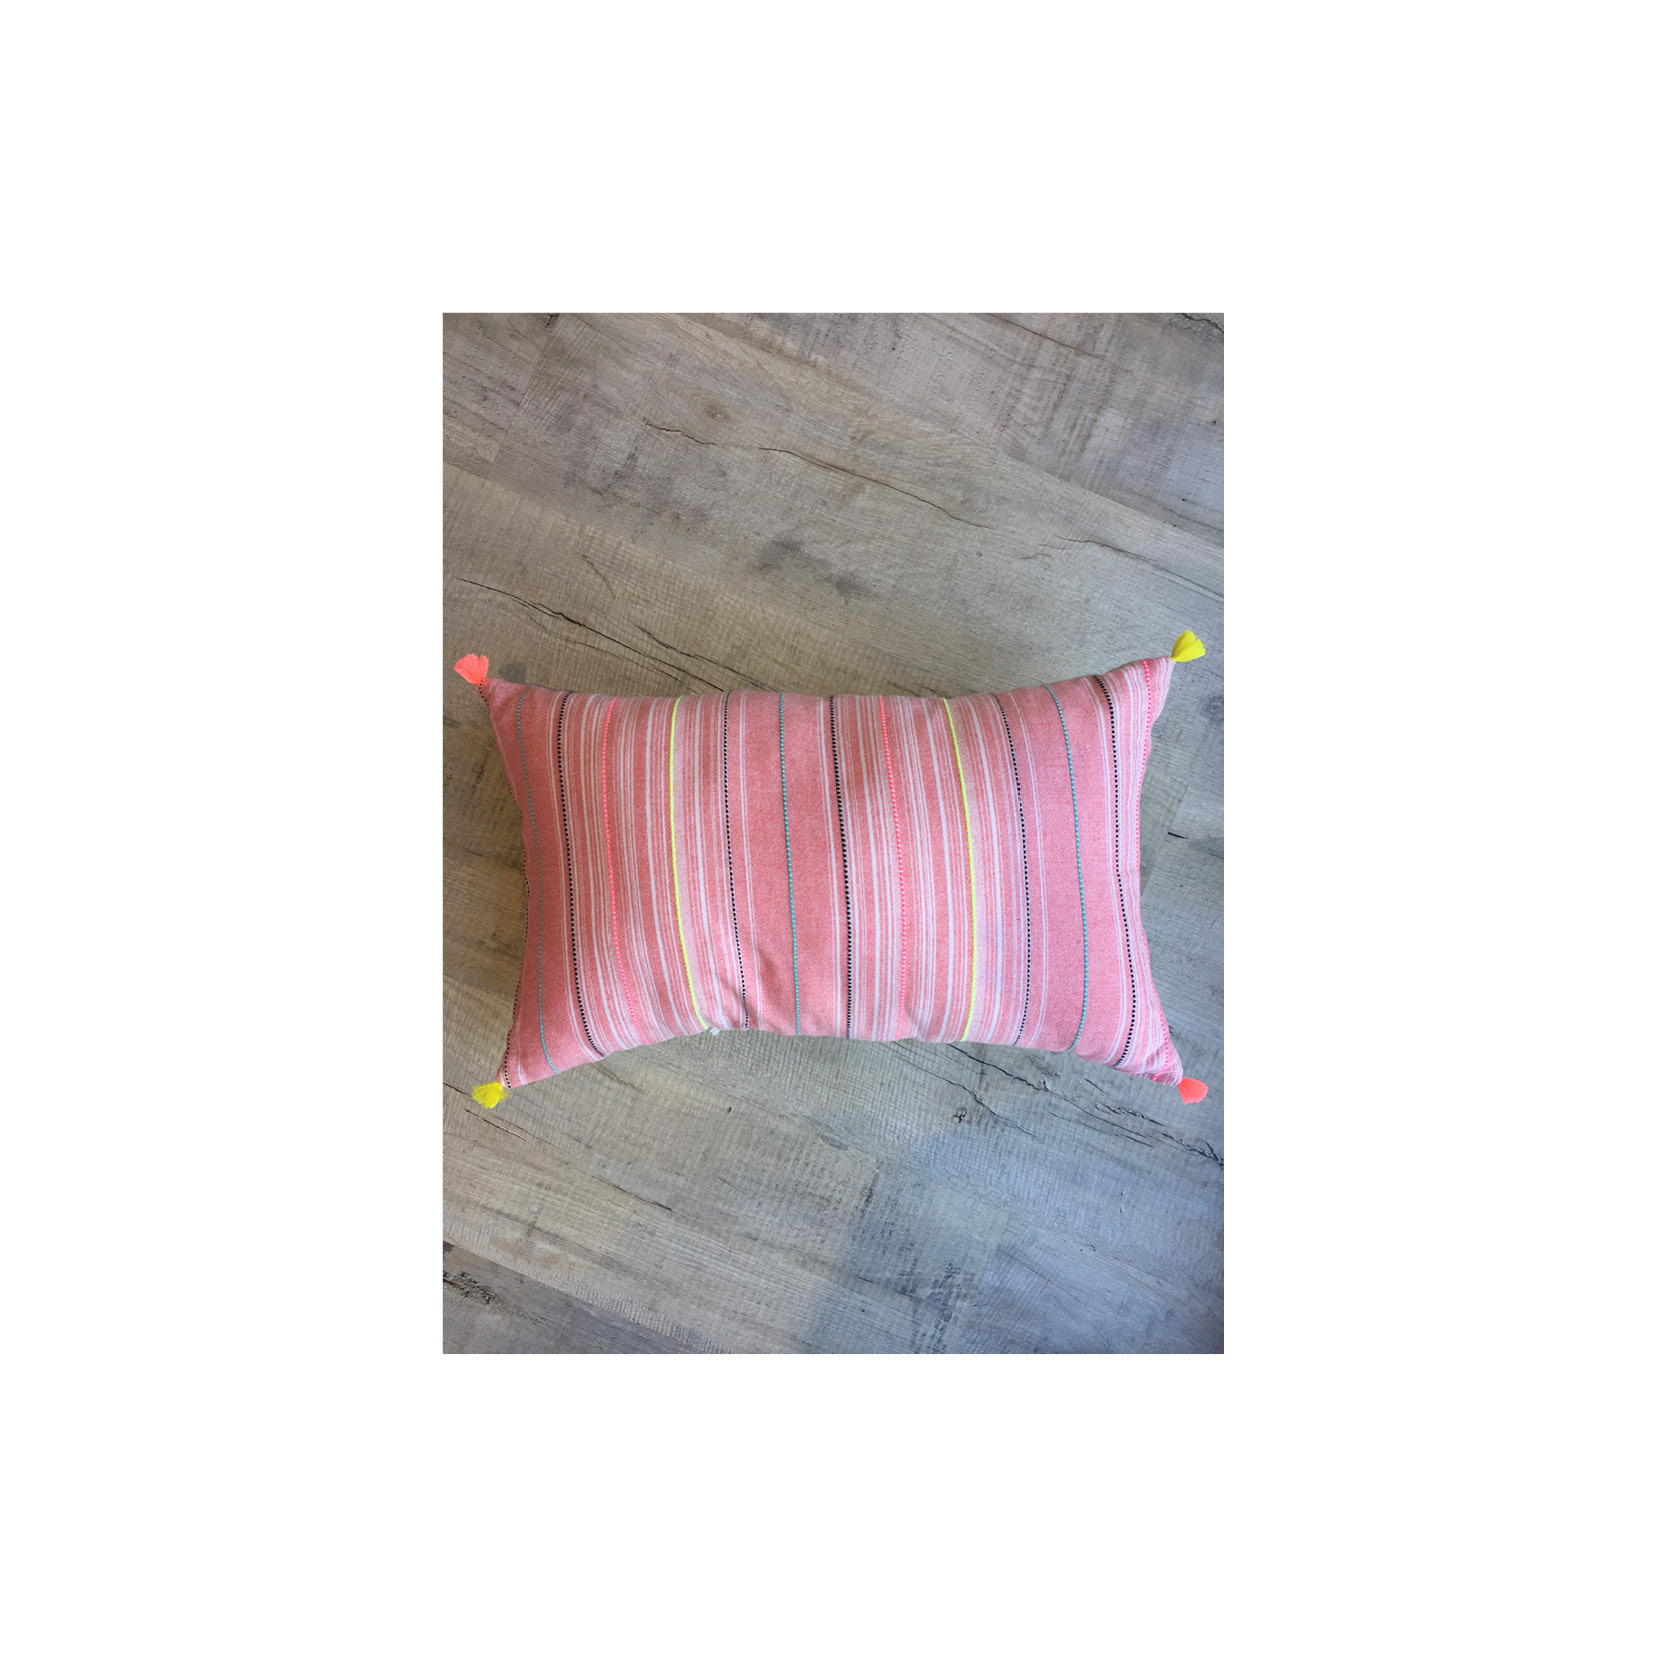 Pebble & Stripe - Rectangular pink stripe  cushion